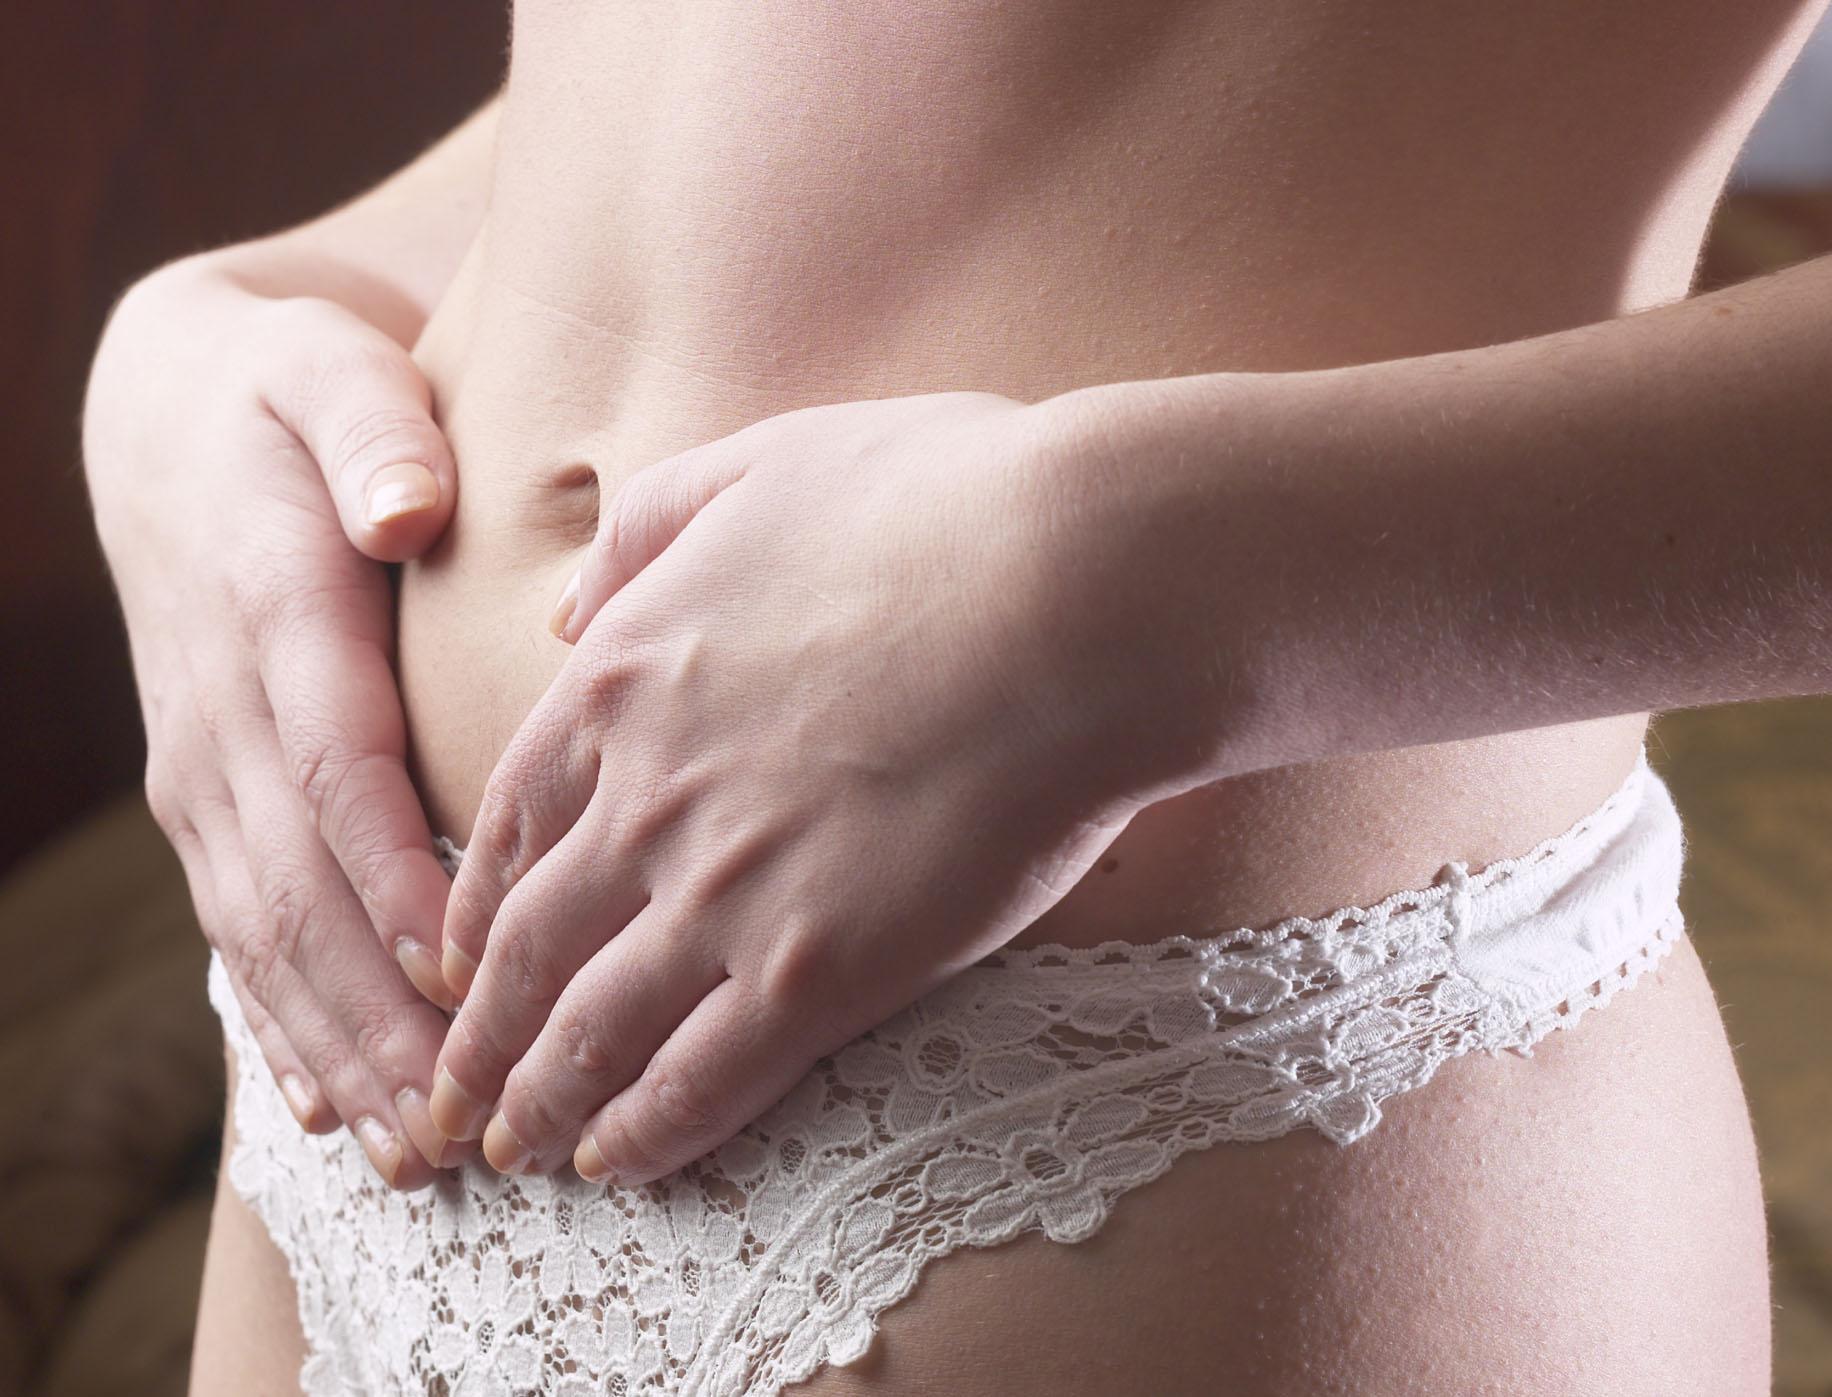 Уход за анусом, Интимная гигиена мужчины 25 фотография